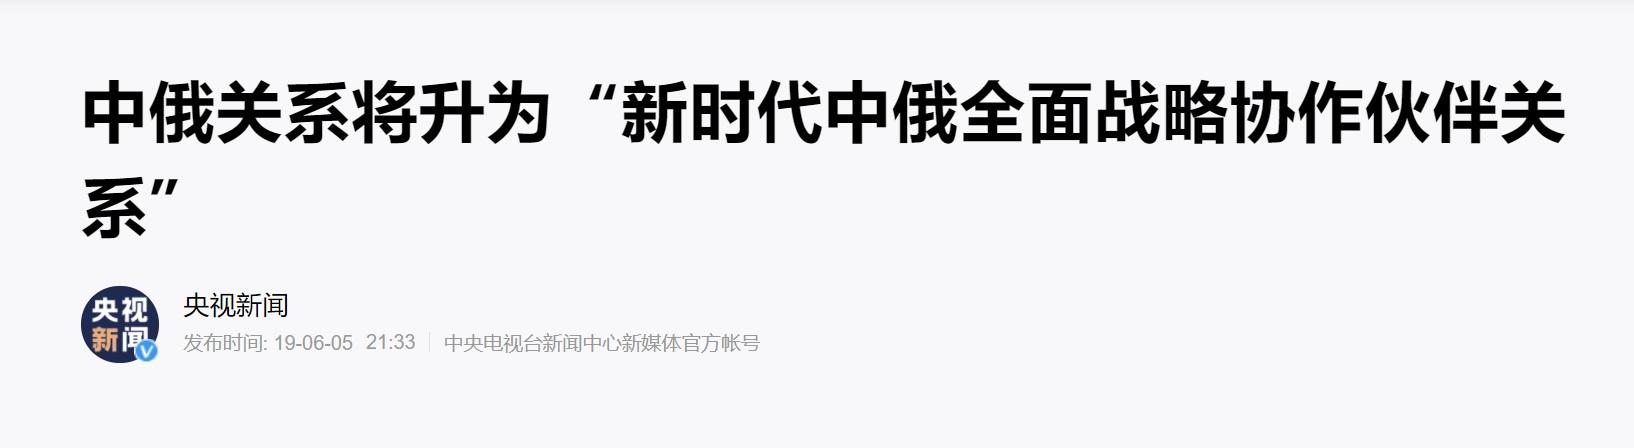 俄罗斯外长拉夫罗夫友好访问中国,两国签署联合声明 - importnews, china-russia-relationships - 俄罗斯 - 俄罗斯留学 - 俄罗斯留学机构 - 留学俄罗斯 - 小狮座留学